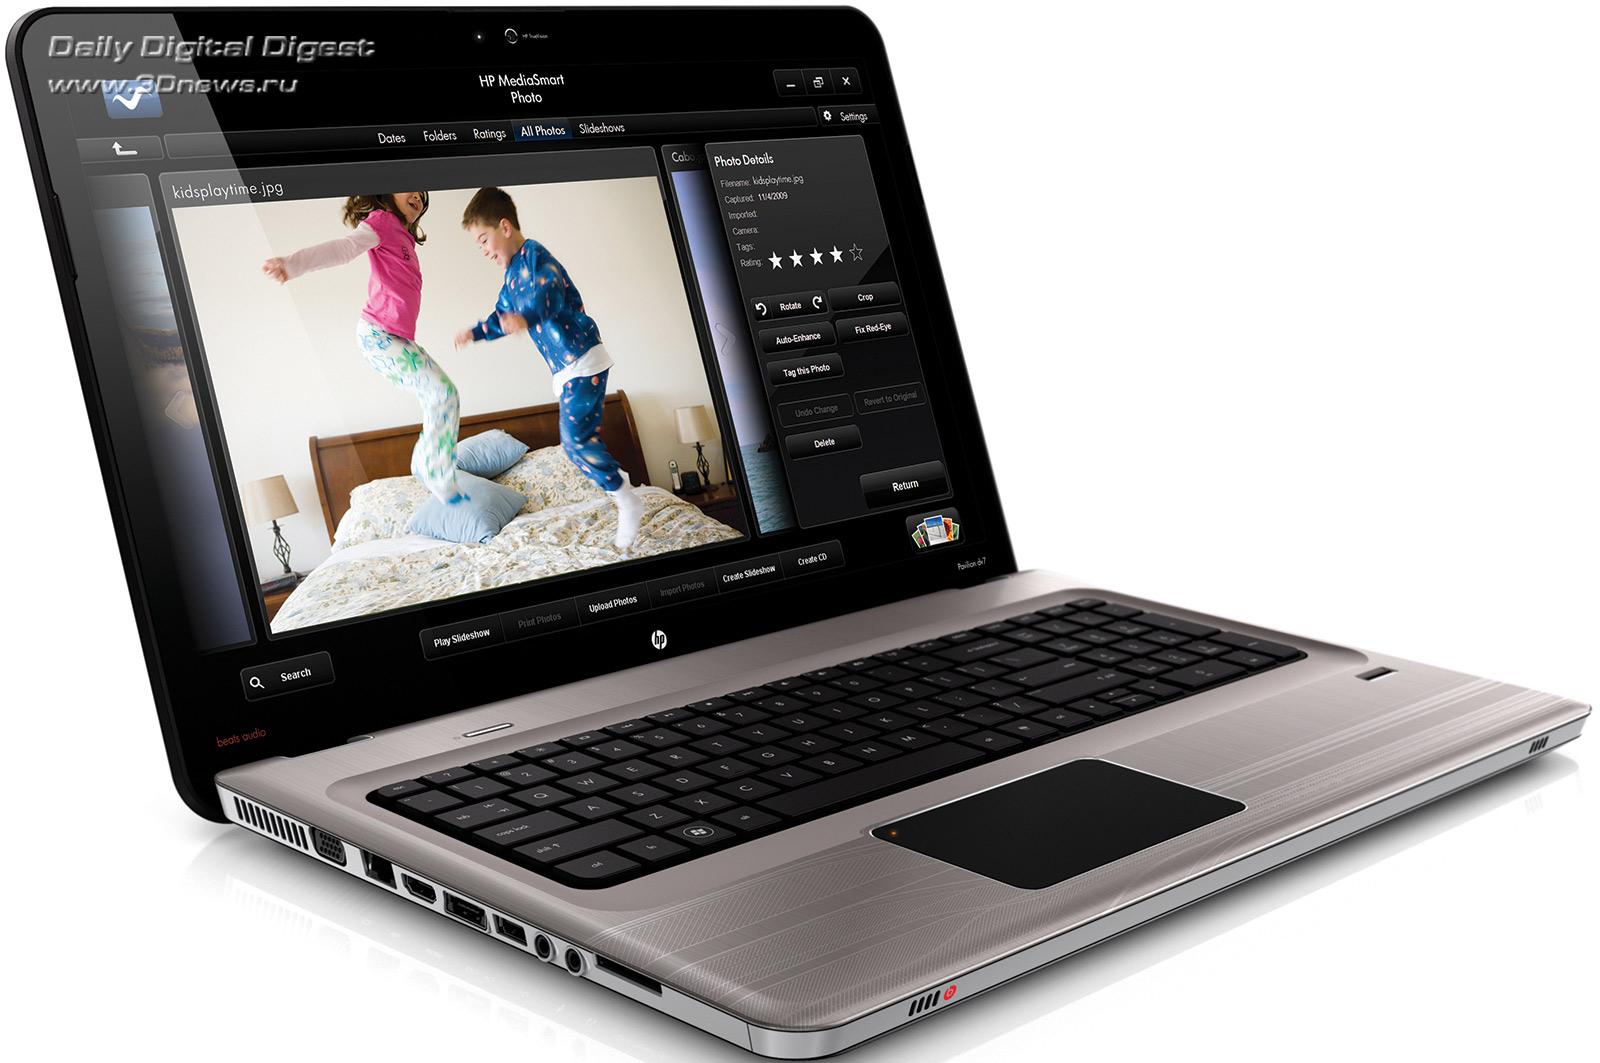 Ноутбук HP Stream 11-y006ur Y7X25EA (Intel Celeron N3050 1.6 GHz/4096Mb/32Gb SSD/No ODD/Intel HD Graphics/Wi-Fi/Bluetooth/Cam/11.6/1366x768/Windows 10 64-bit)